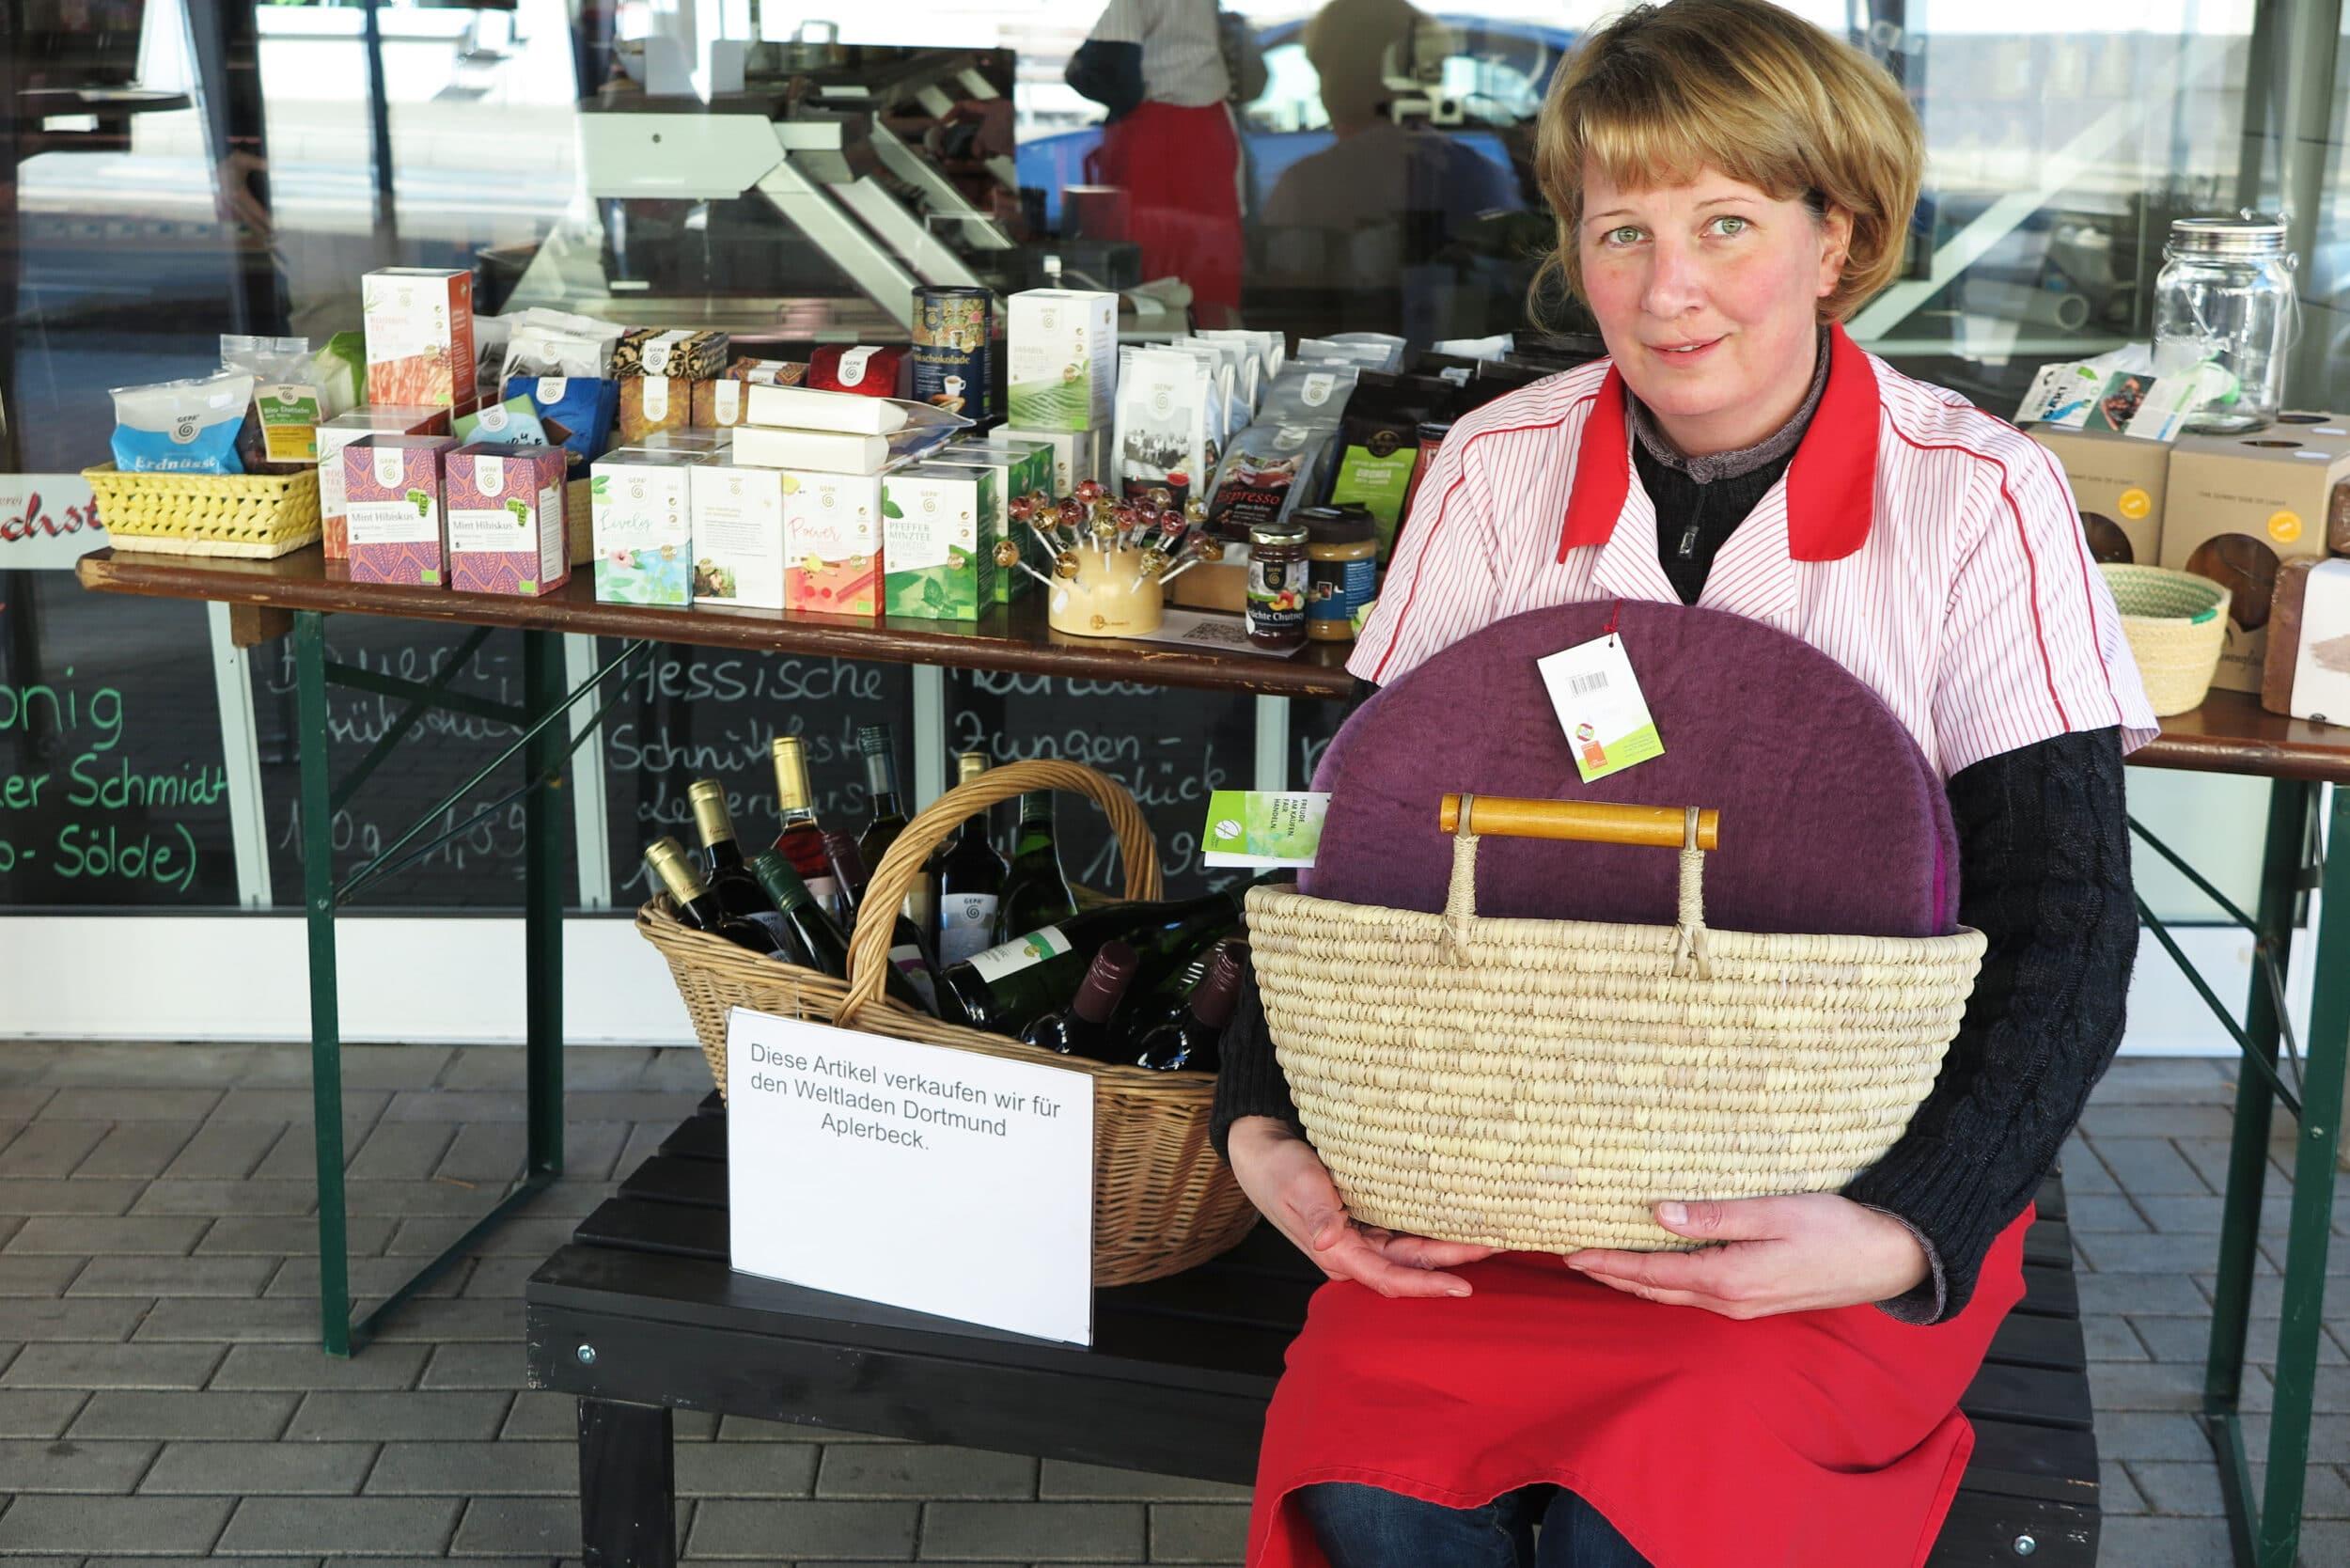 Die Fleischerei Bachstein unterstützt den Weltladen Aplerbeck: Anja Bachstein mit den Weltladenprodukten. (Fotos: IN-StadtMagazine)